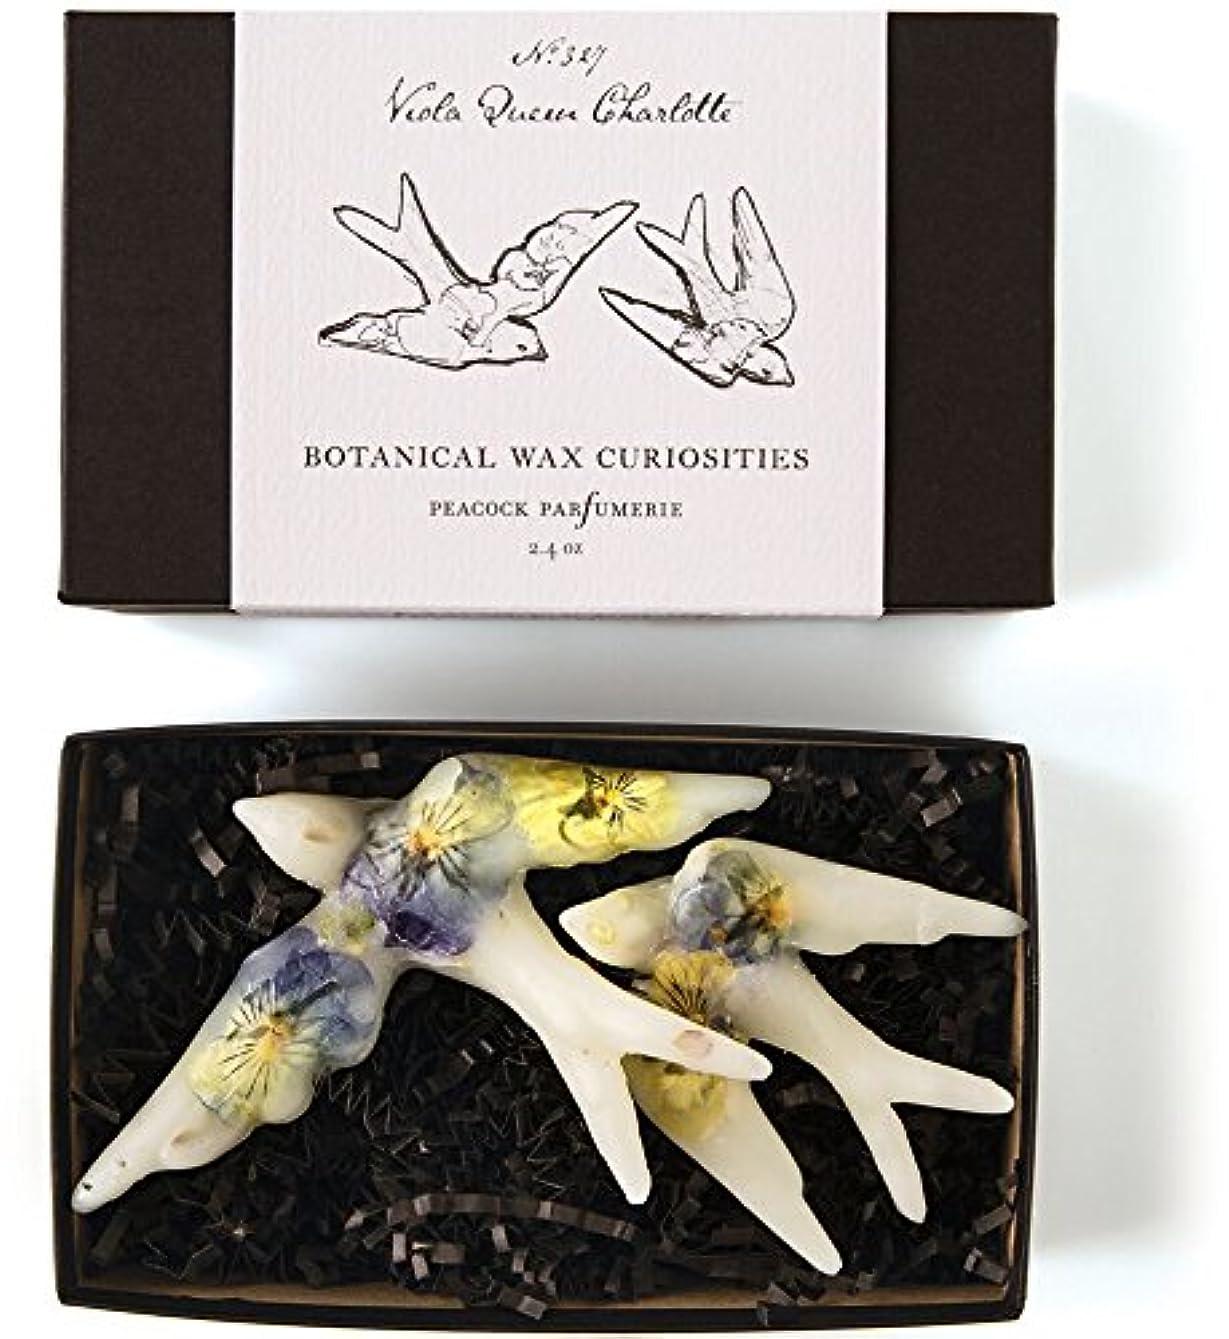 日食詩期間ロージーリングス ボタニスト ボタニカルワックスキュリオシティ ビオラクィーンシャーロット ROSY RINGS Botanist Collection Botanical Wax Curiosities – Viola Queen Charlotte